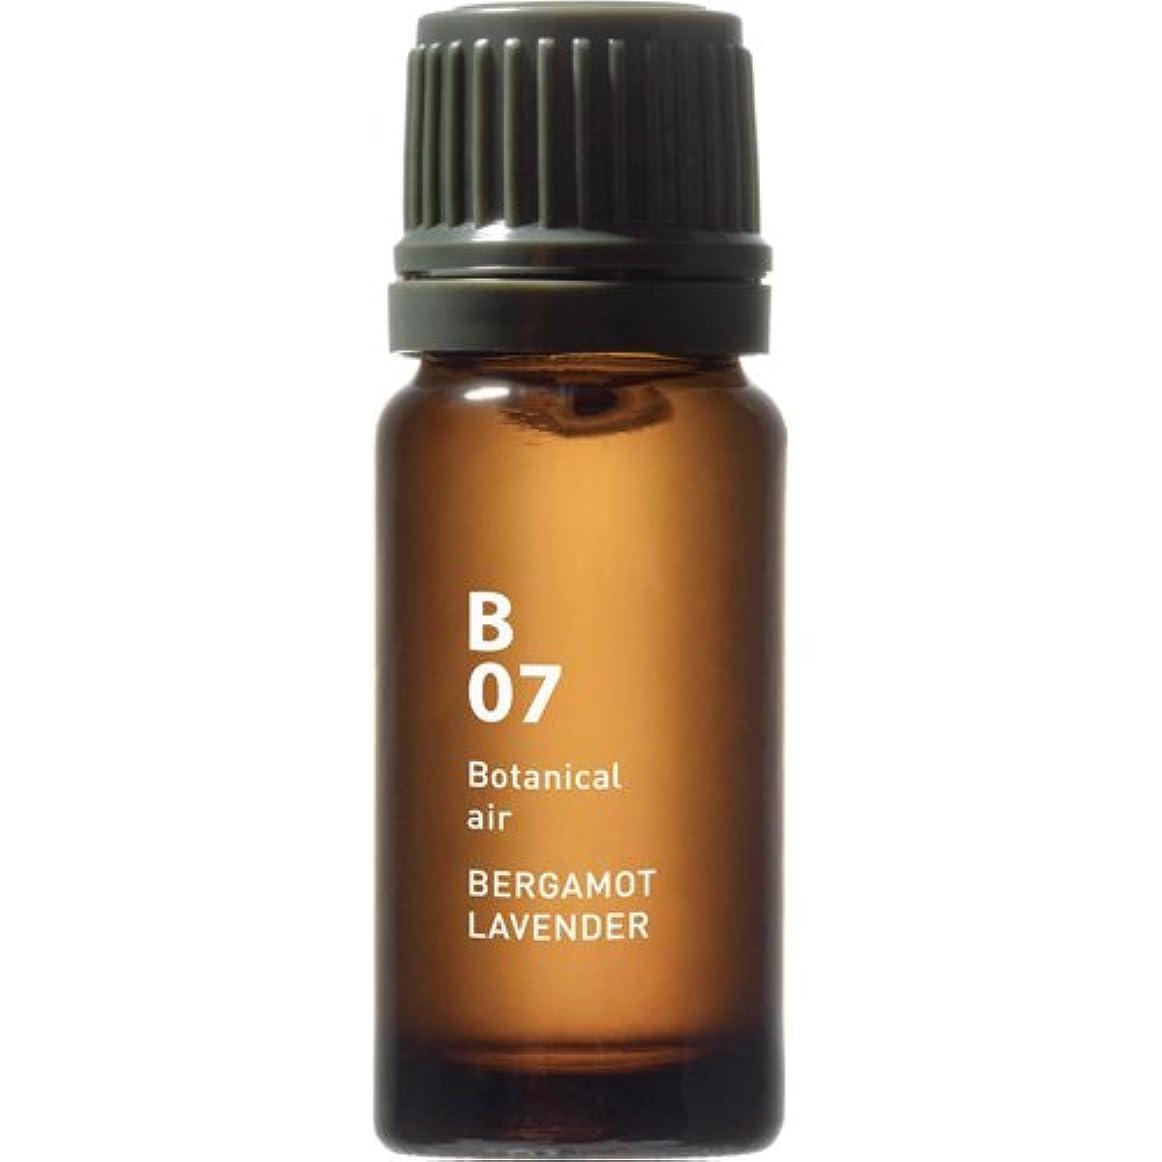 事業内容ドラマ法的B07 ベルガモットラベンダー Botanical air(ボタニカルエアー) 10ml